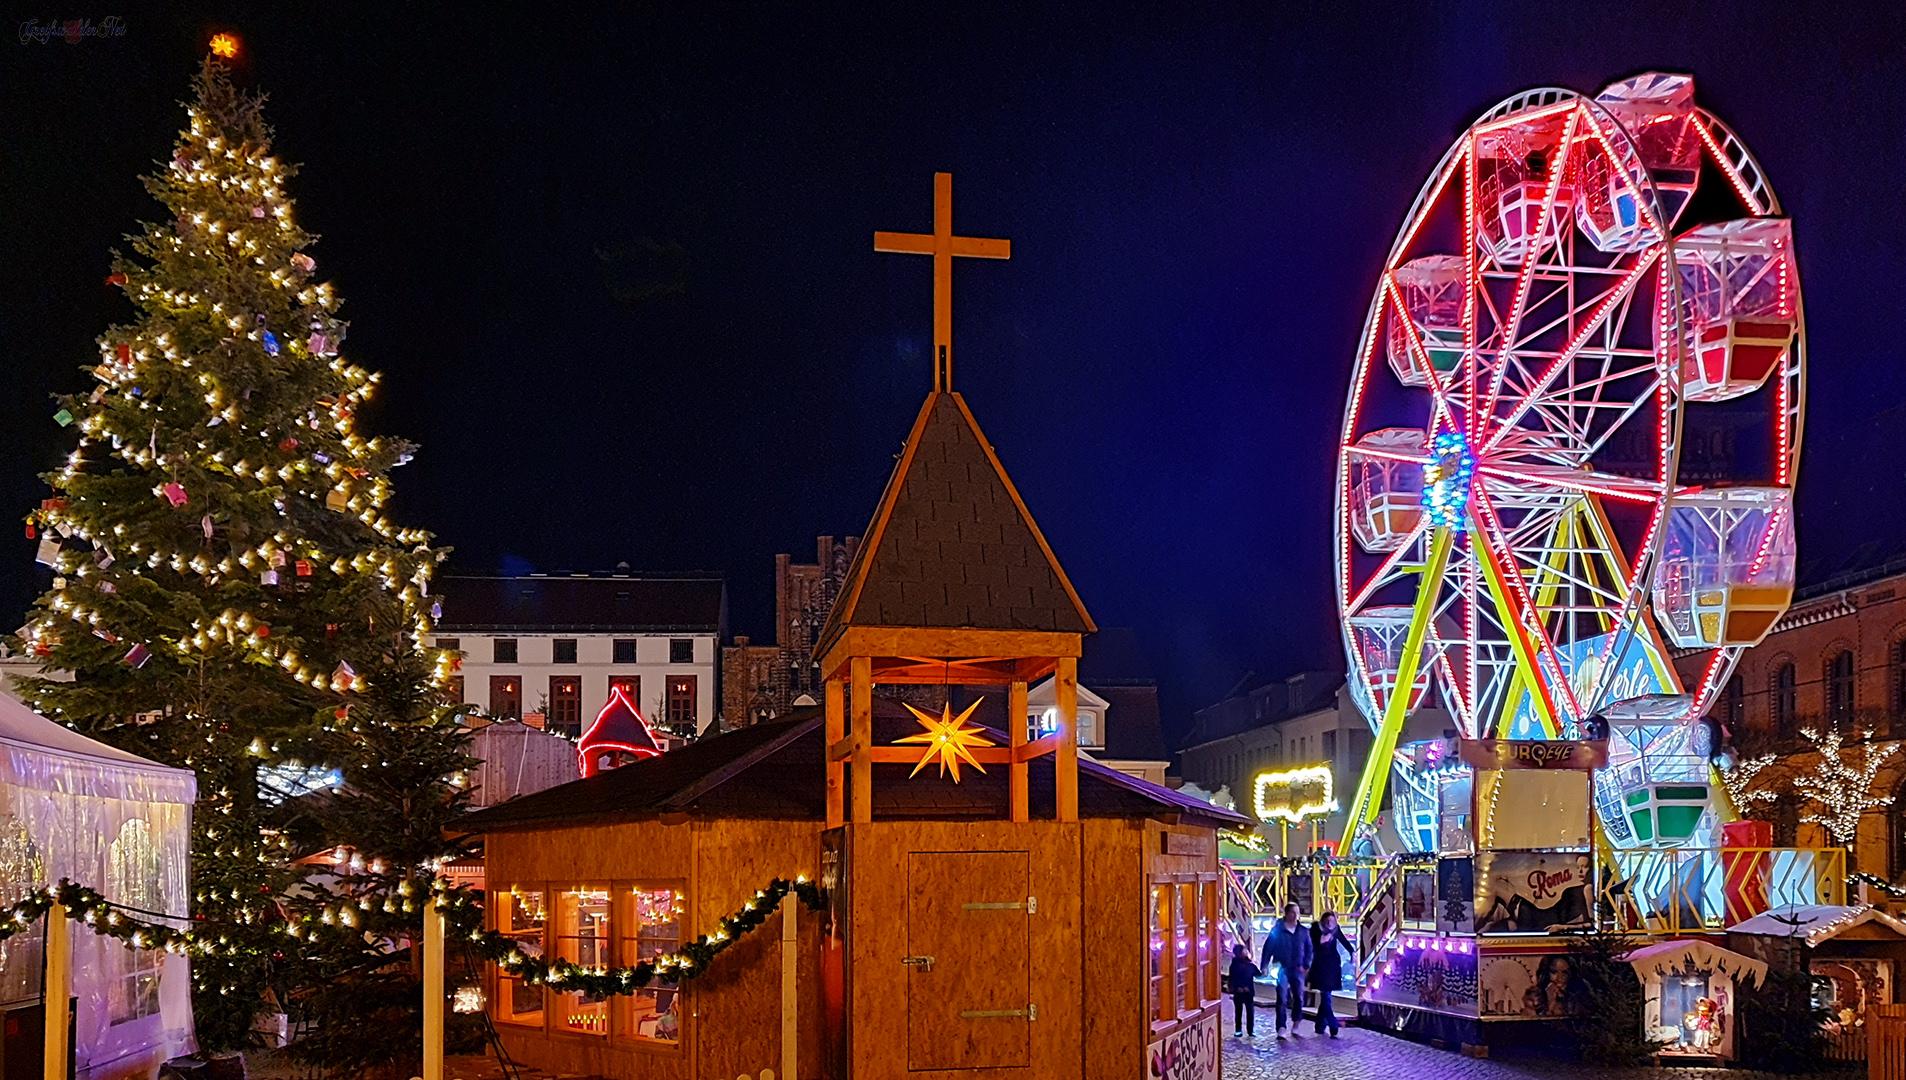 Weihnachtsmarkt Greifswald am Abend